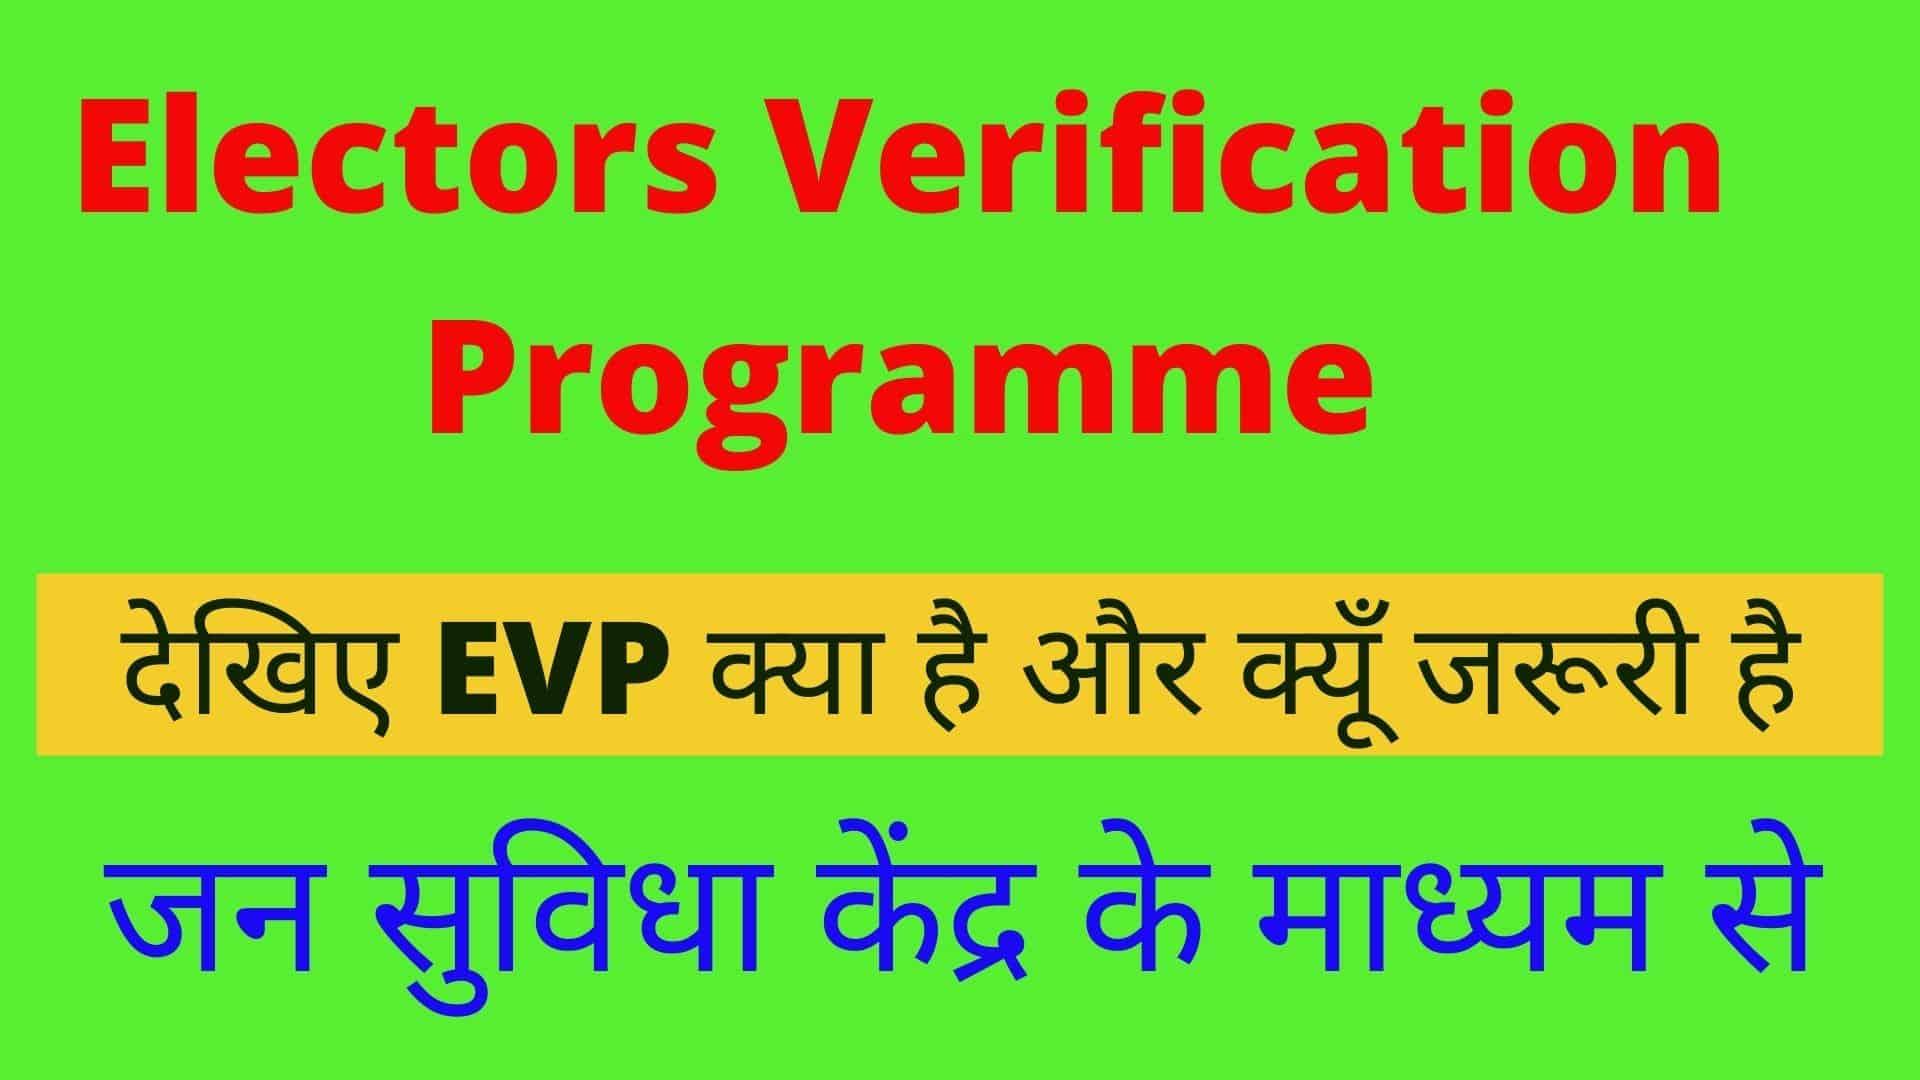 EVP, Electors Verification Programme क्या है क्यूँ हर Voter ID Card धारकों को यह करना अनिवार्य है_